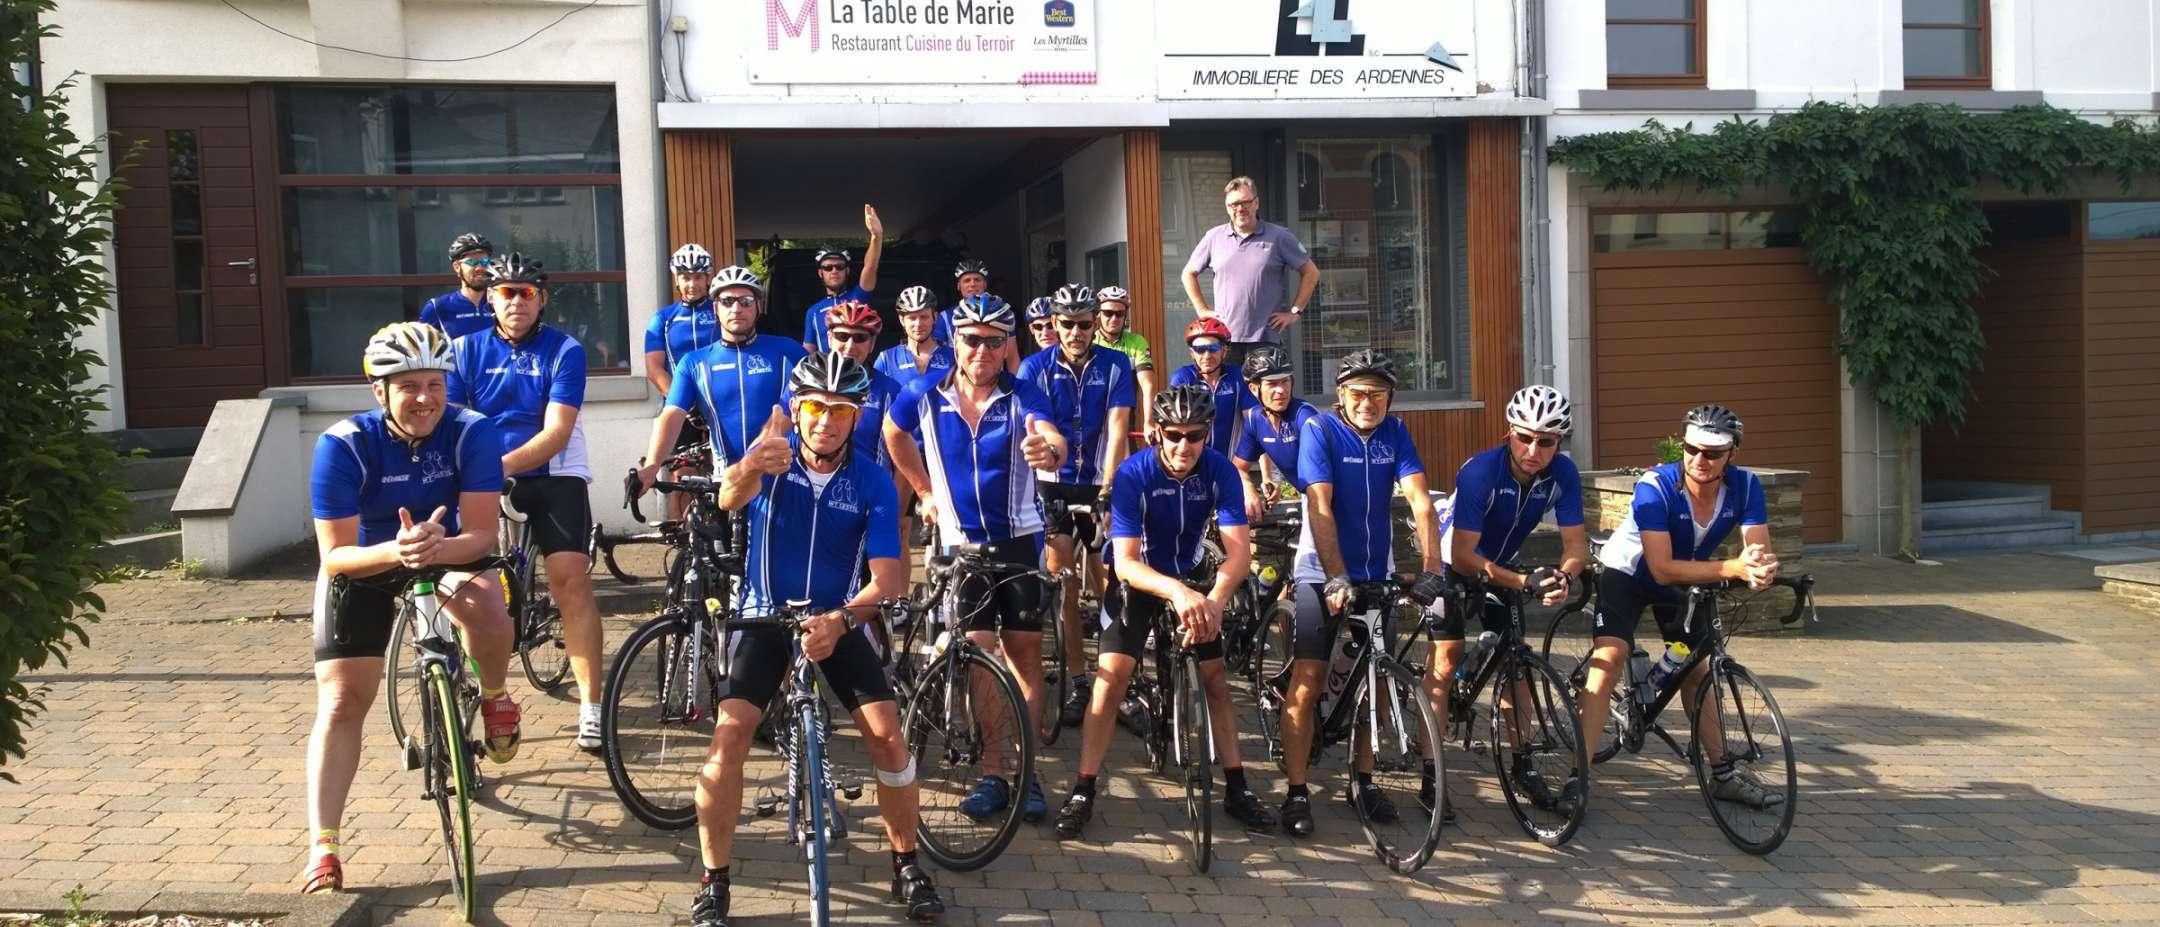 Un autre groupe de cycliste